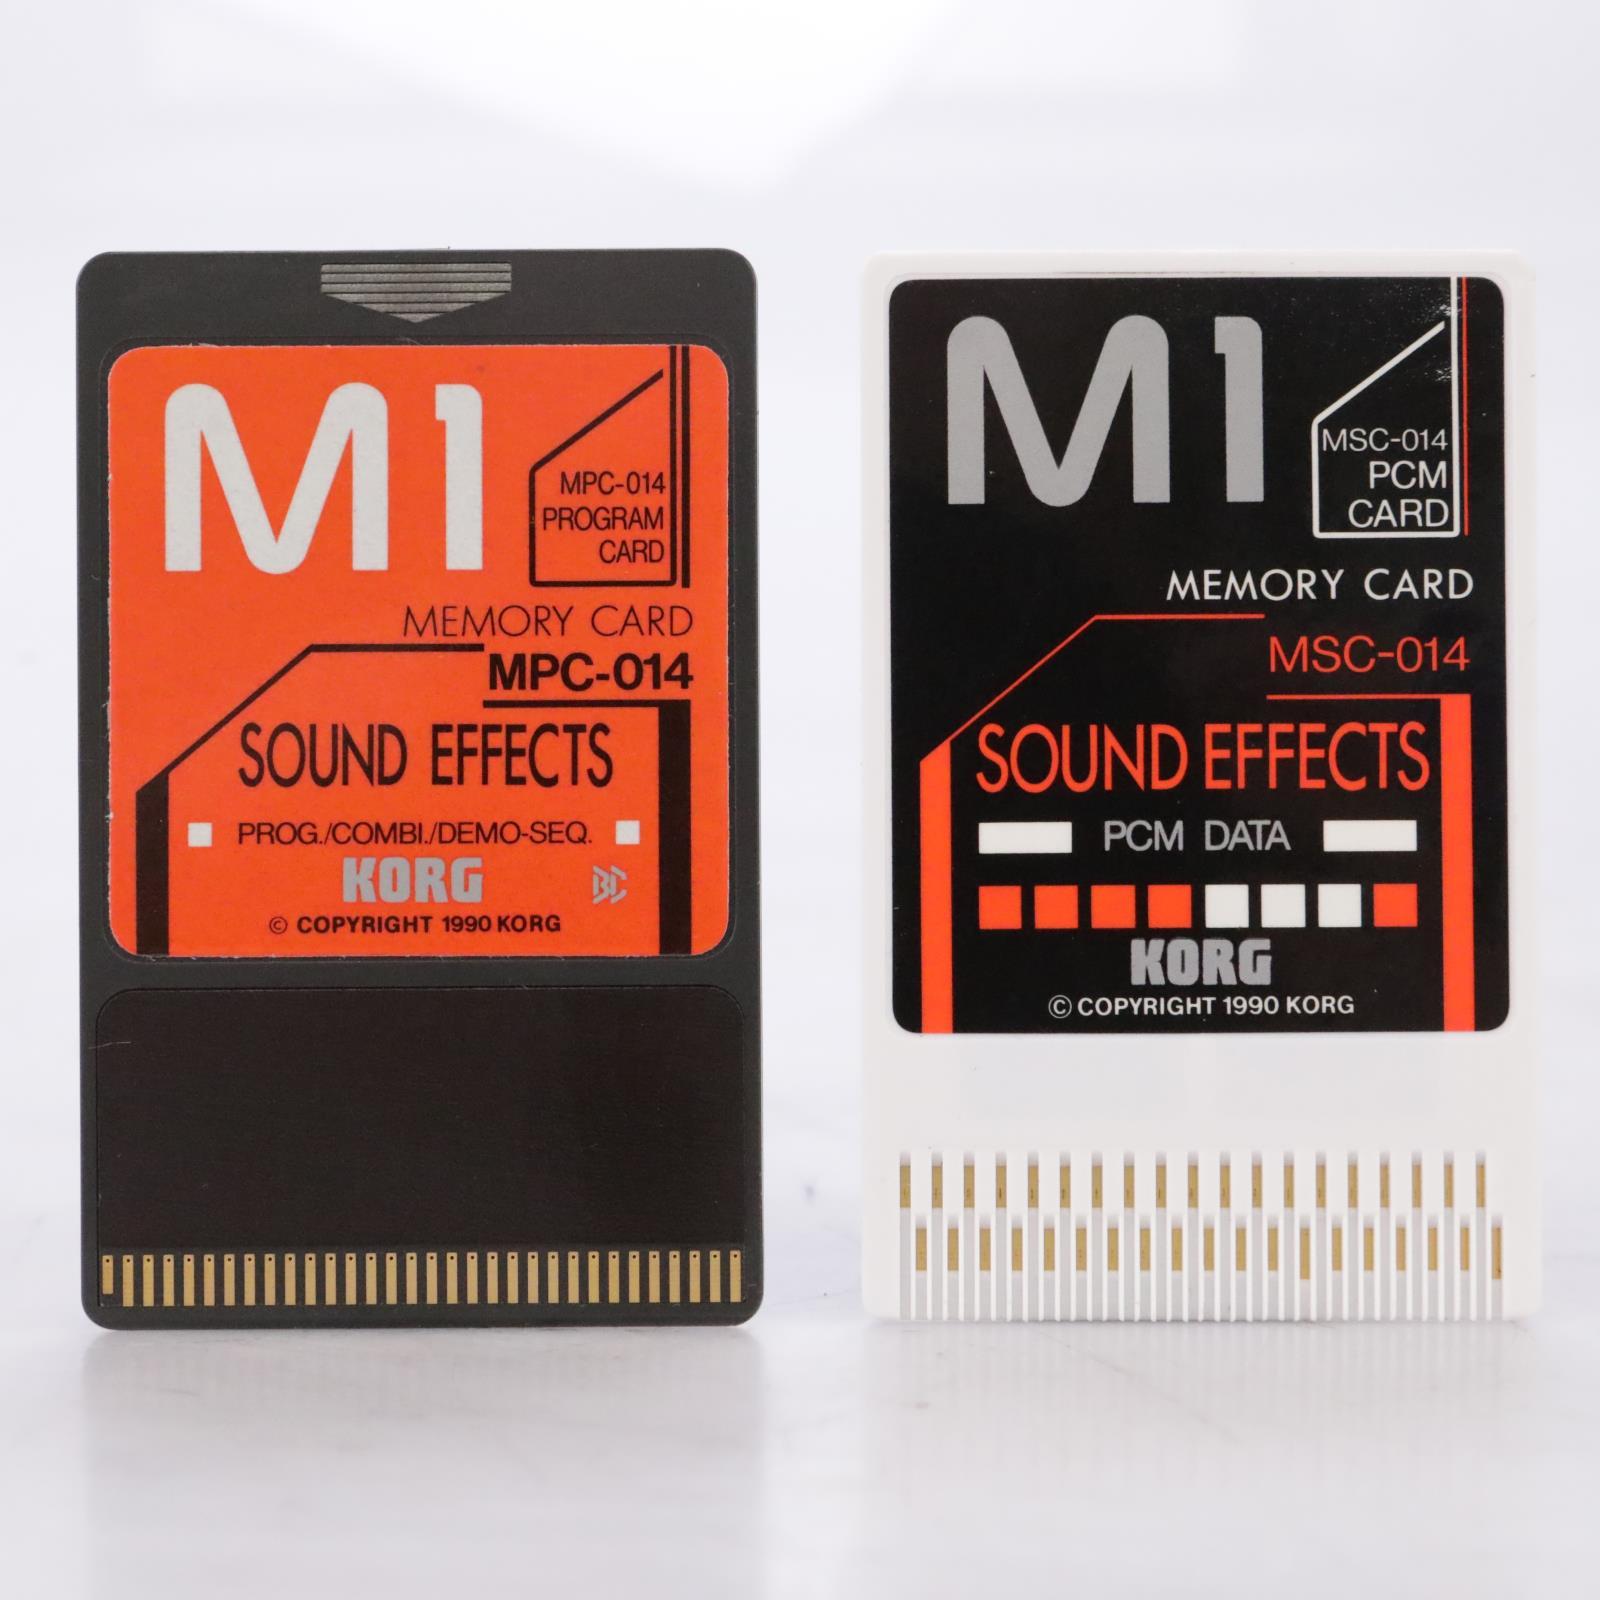 Korg MSC-14S / MSC-014 Sound Effects PCM Data Cards for Korg M1 #44176